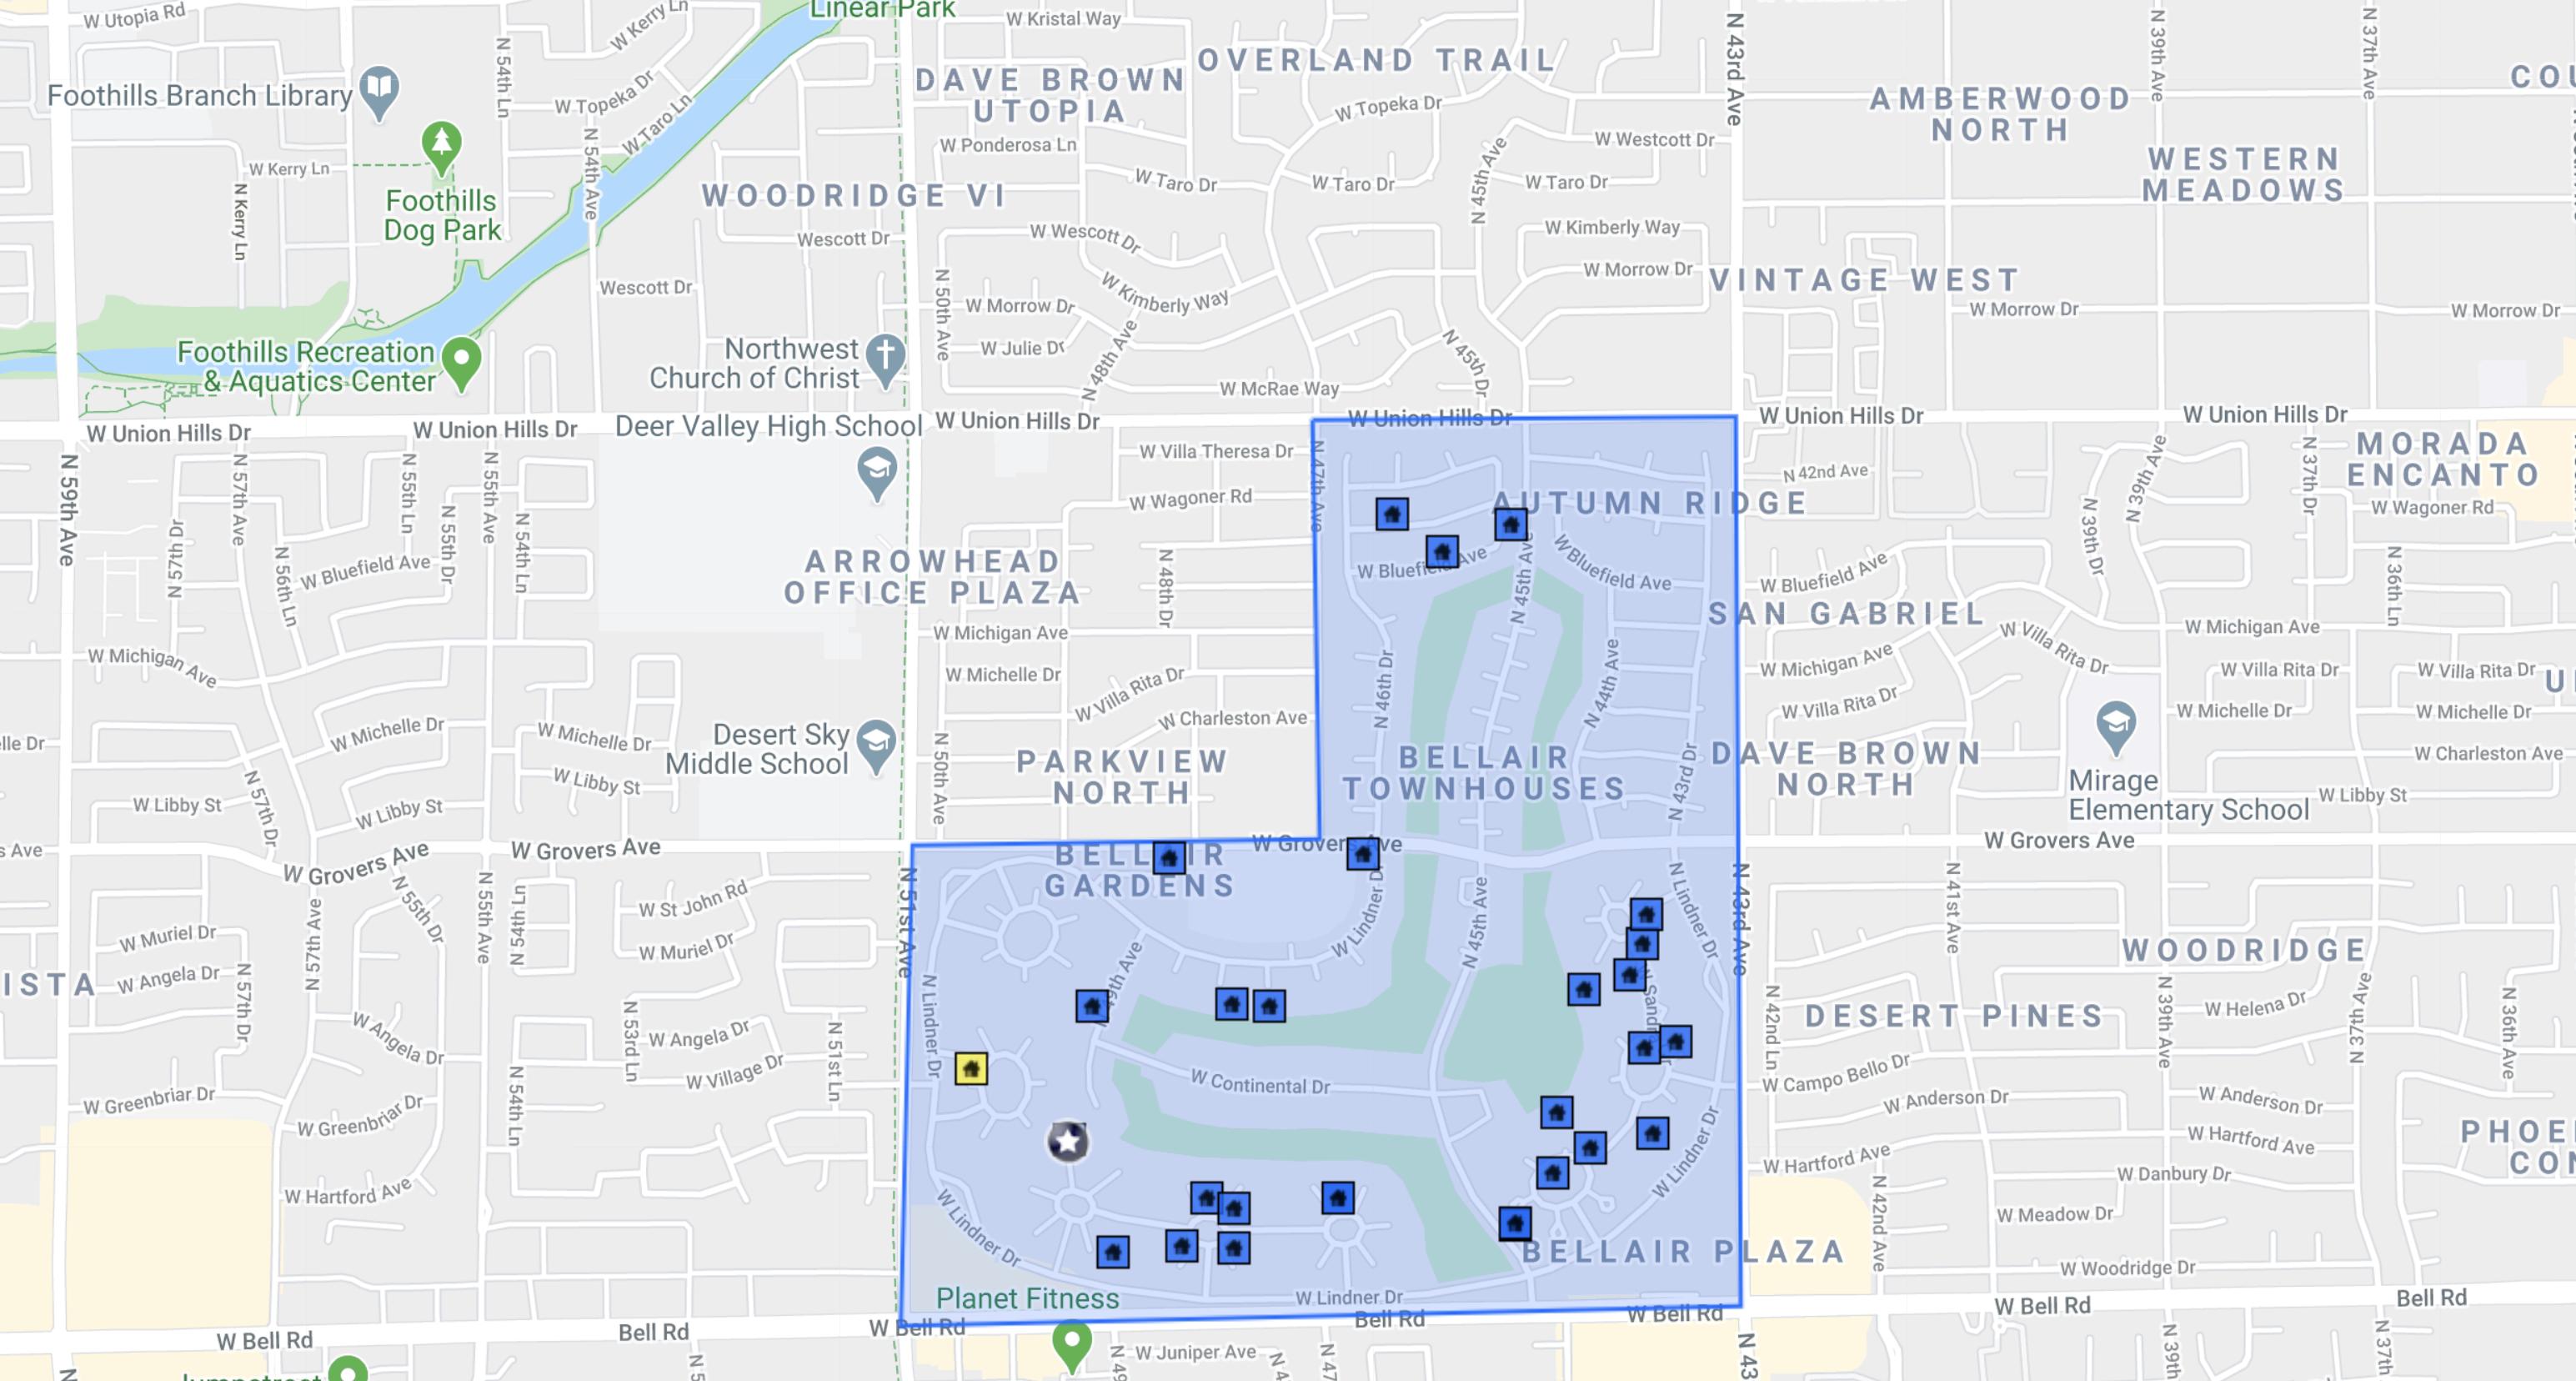 17217 N Lindner Dr Glendale, AZ 85308 comps map